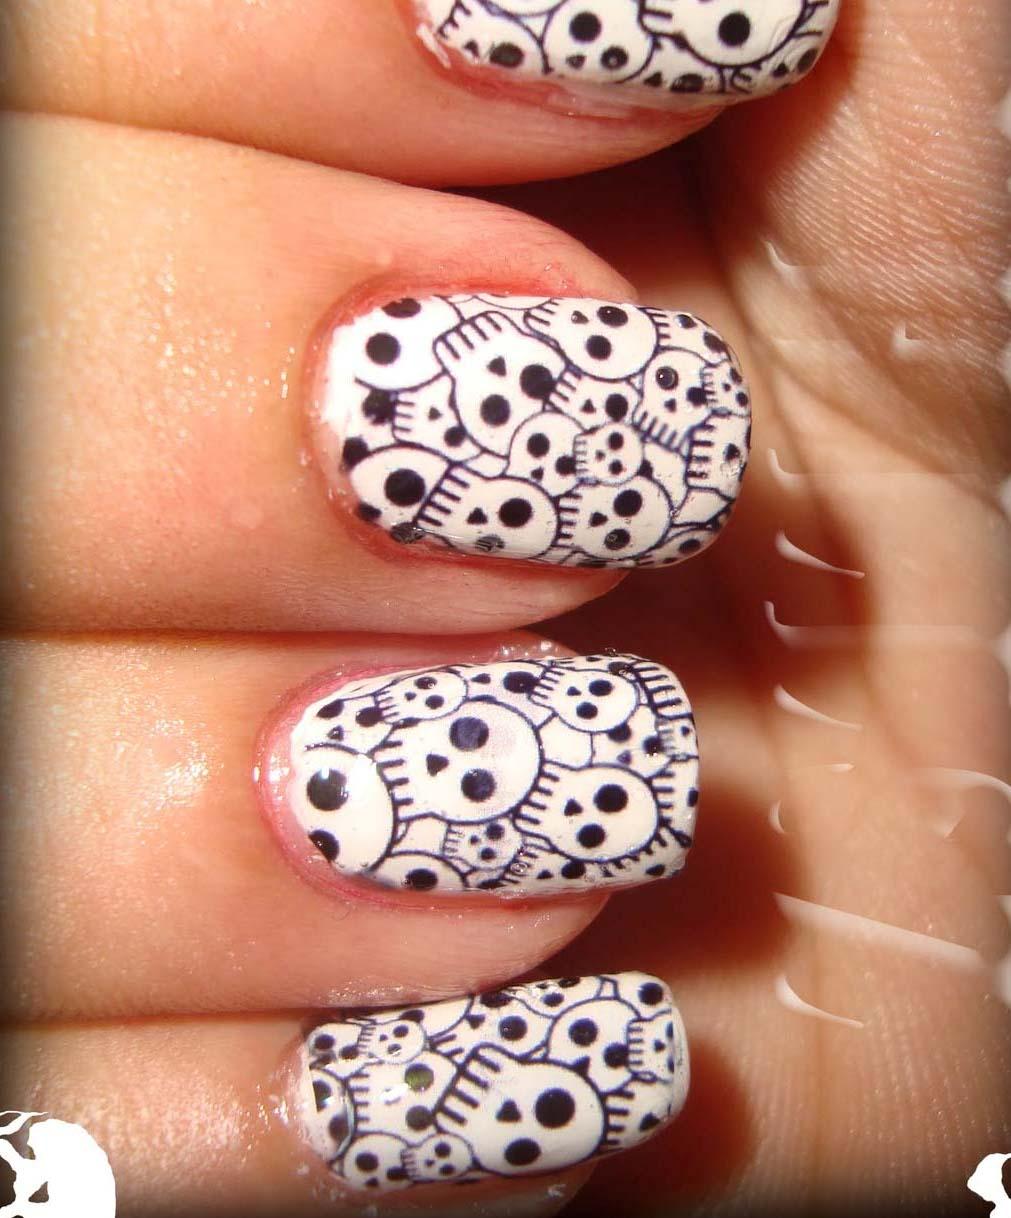 Nail designs skulls nail arts skullnailart edbeb9615384382020e1f8bd174a6c55 prinsesfo Image collections